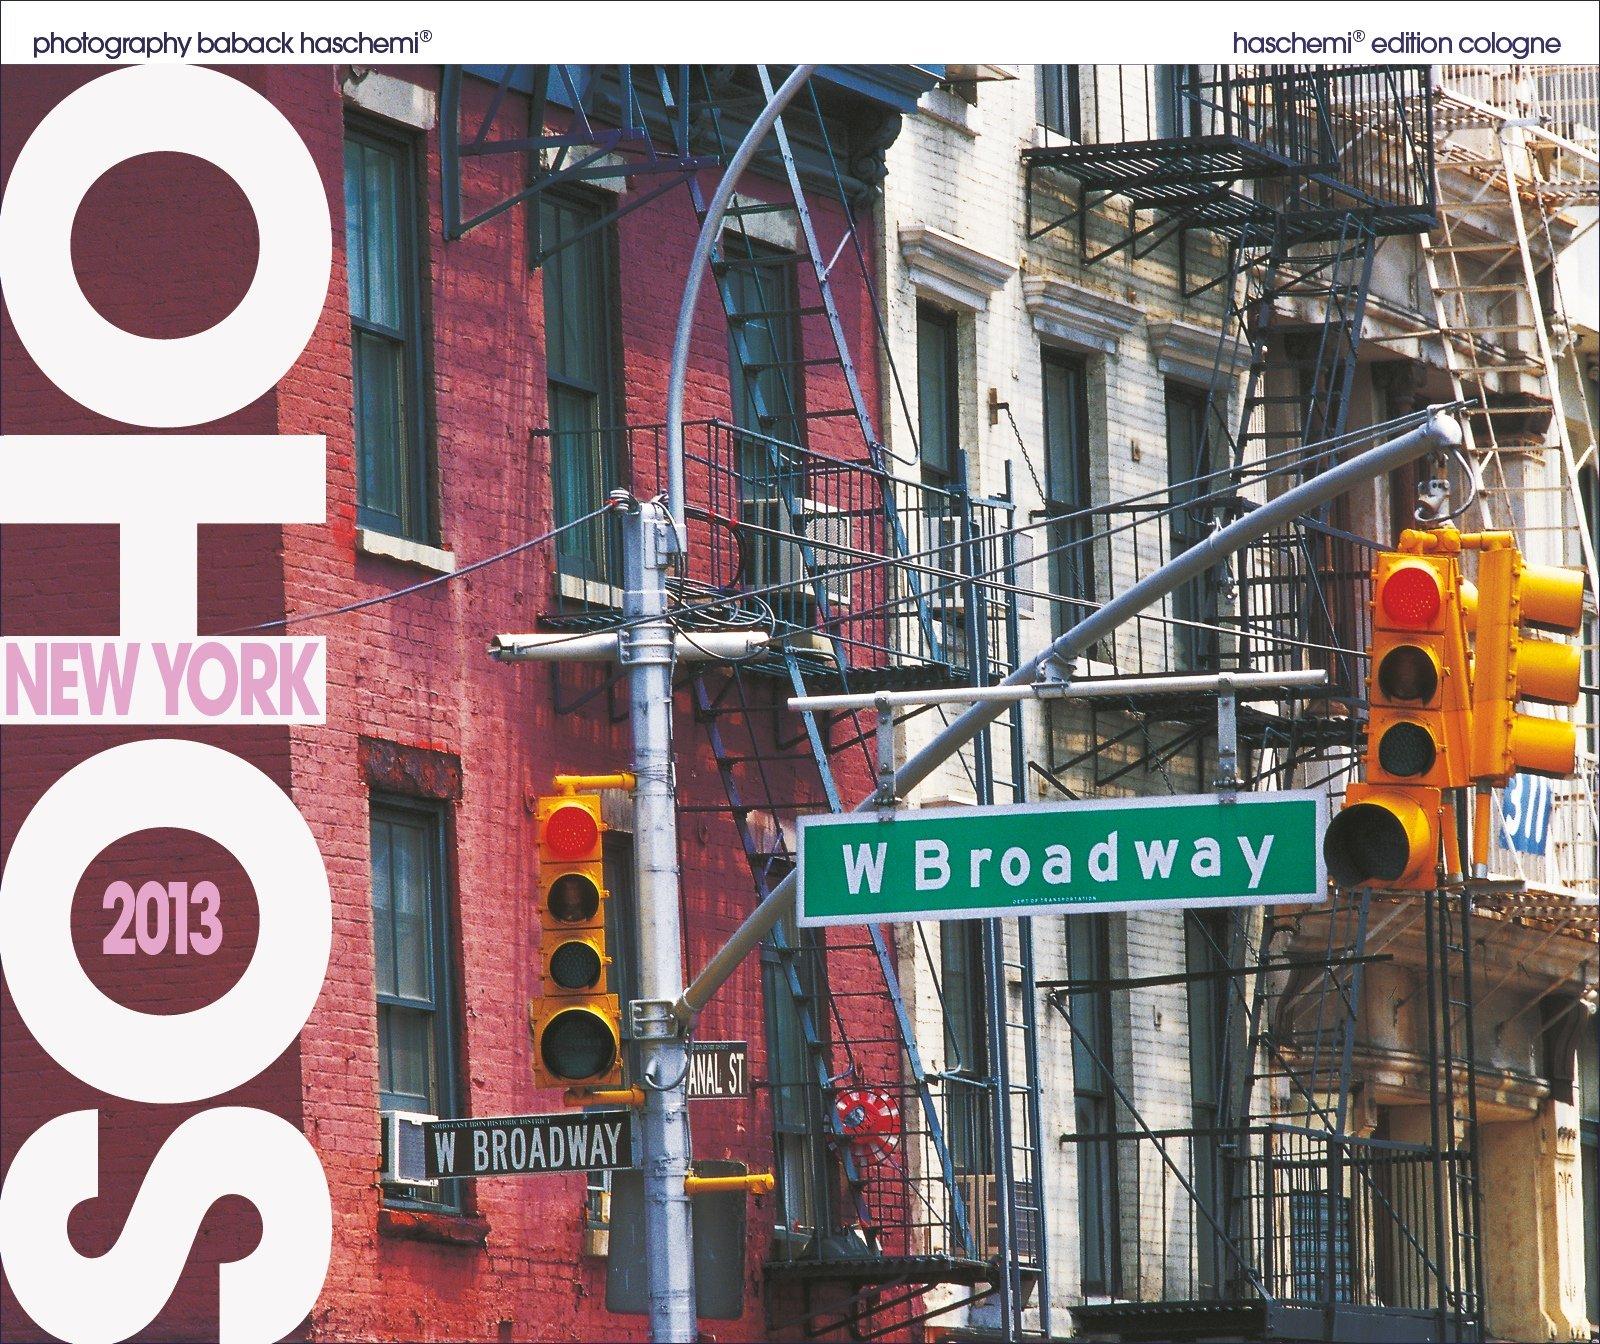 SOHO - New York 2013: Fotokunstkalender